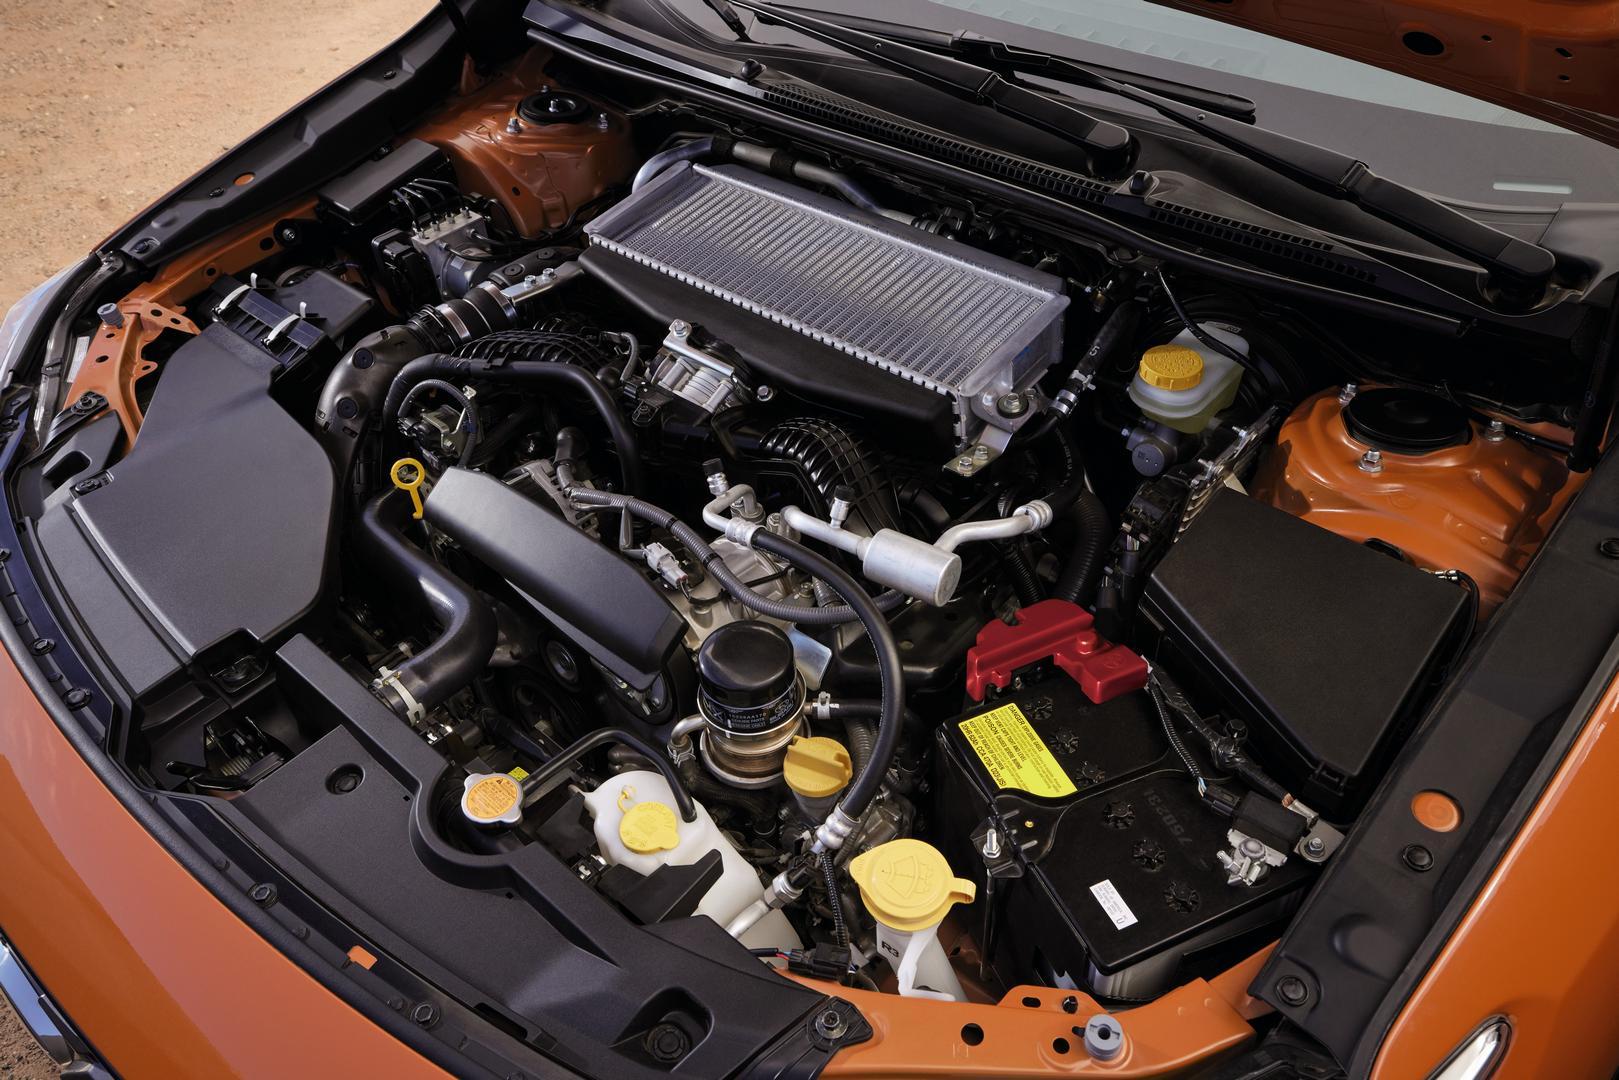 2022 Subaru WRX FA24 Turbo